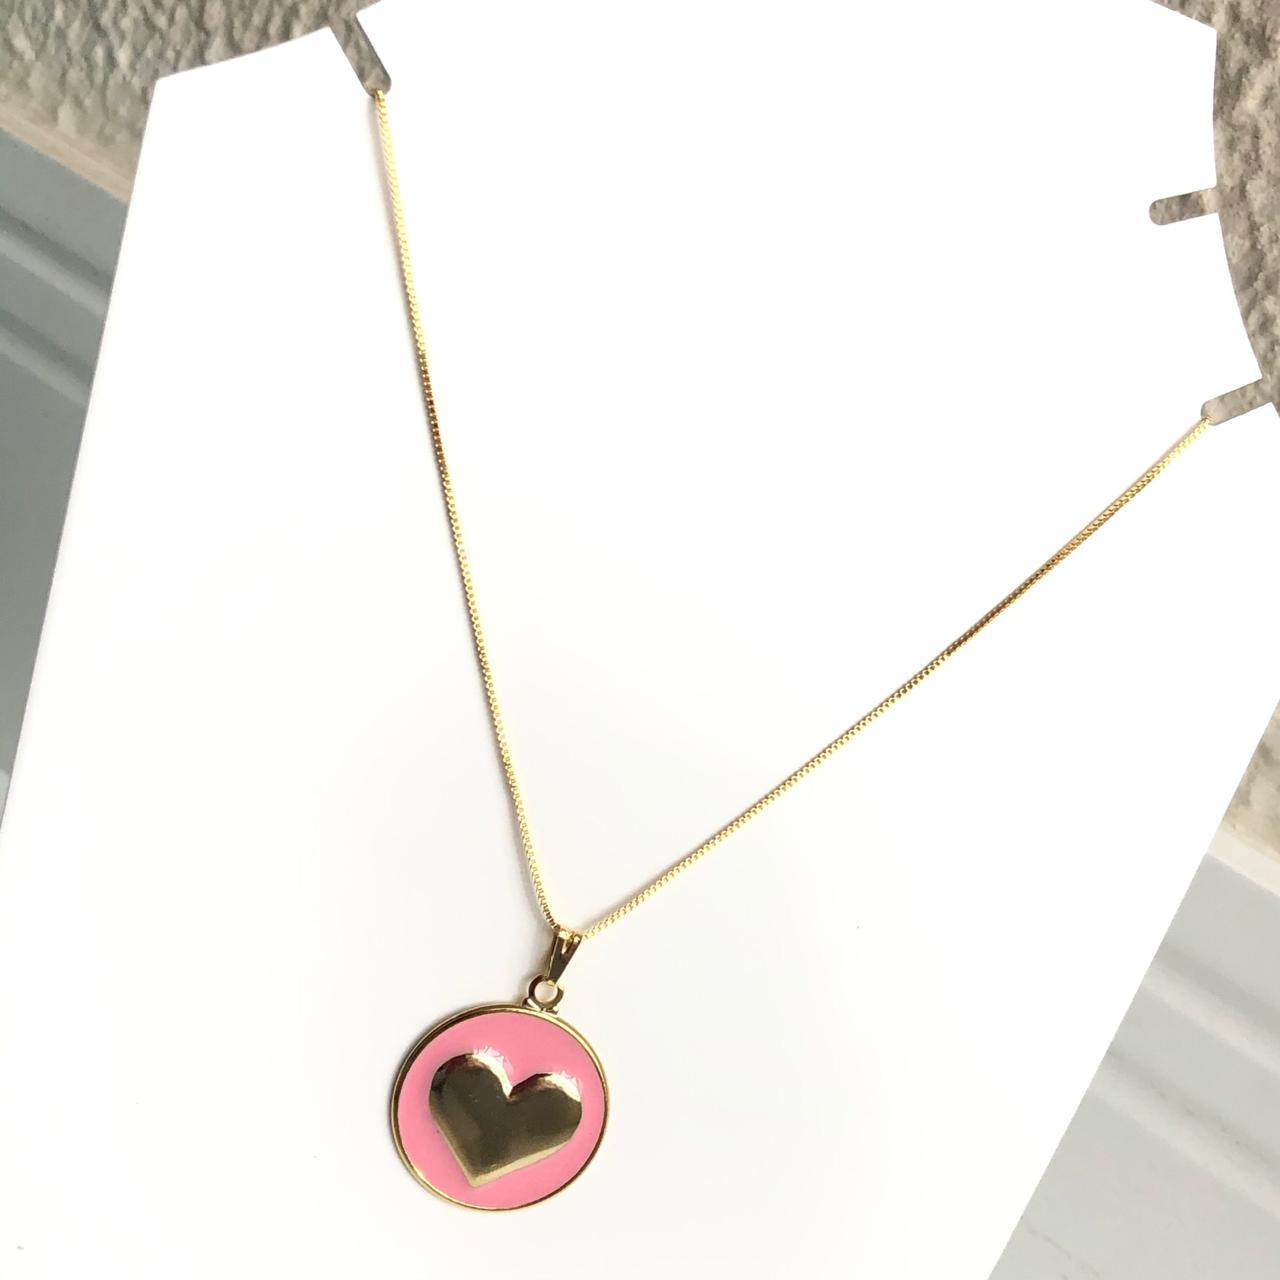 Colar folheado a ouro feminino mandala coração esmaltado salmão chiclete